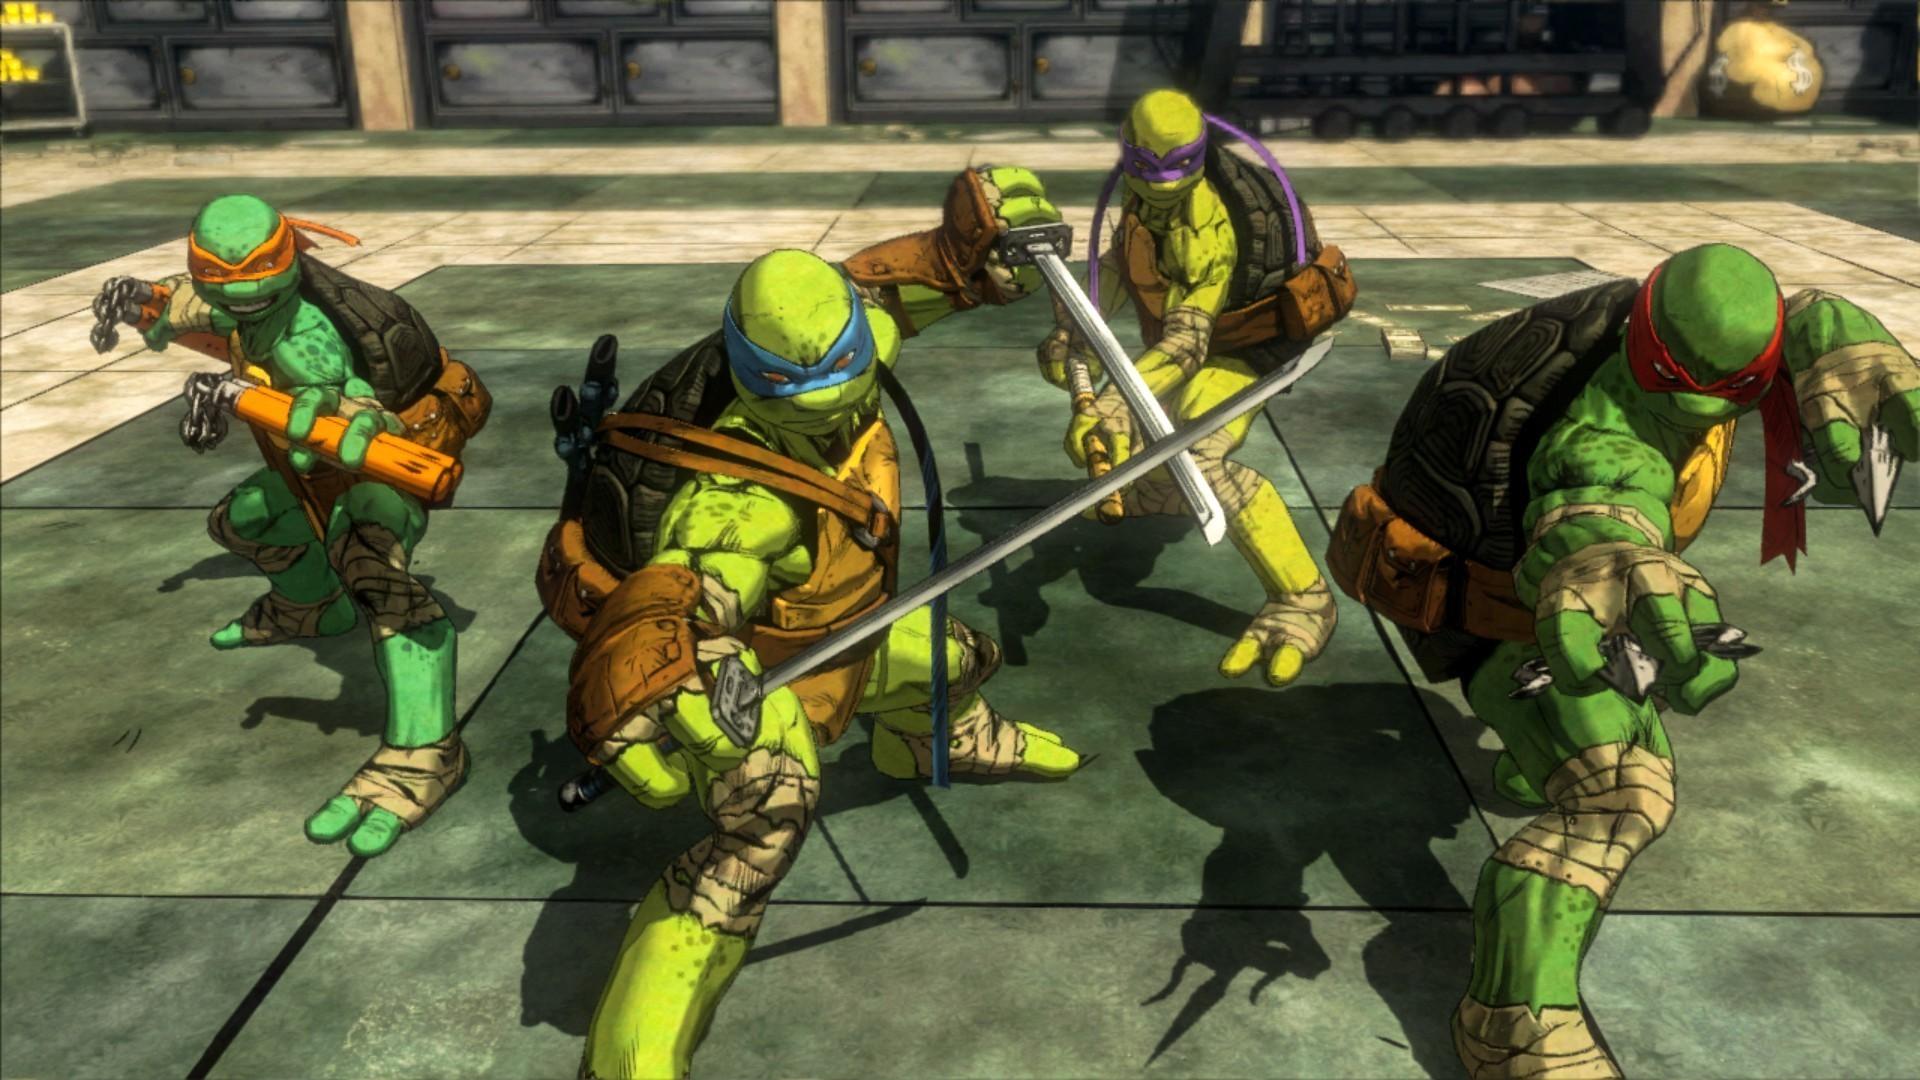 忍者神龟曼哈顿突变IGN评分